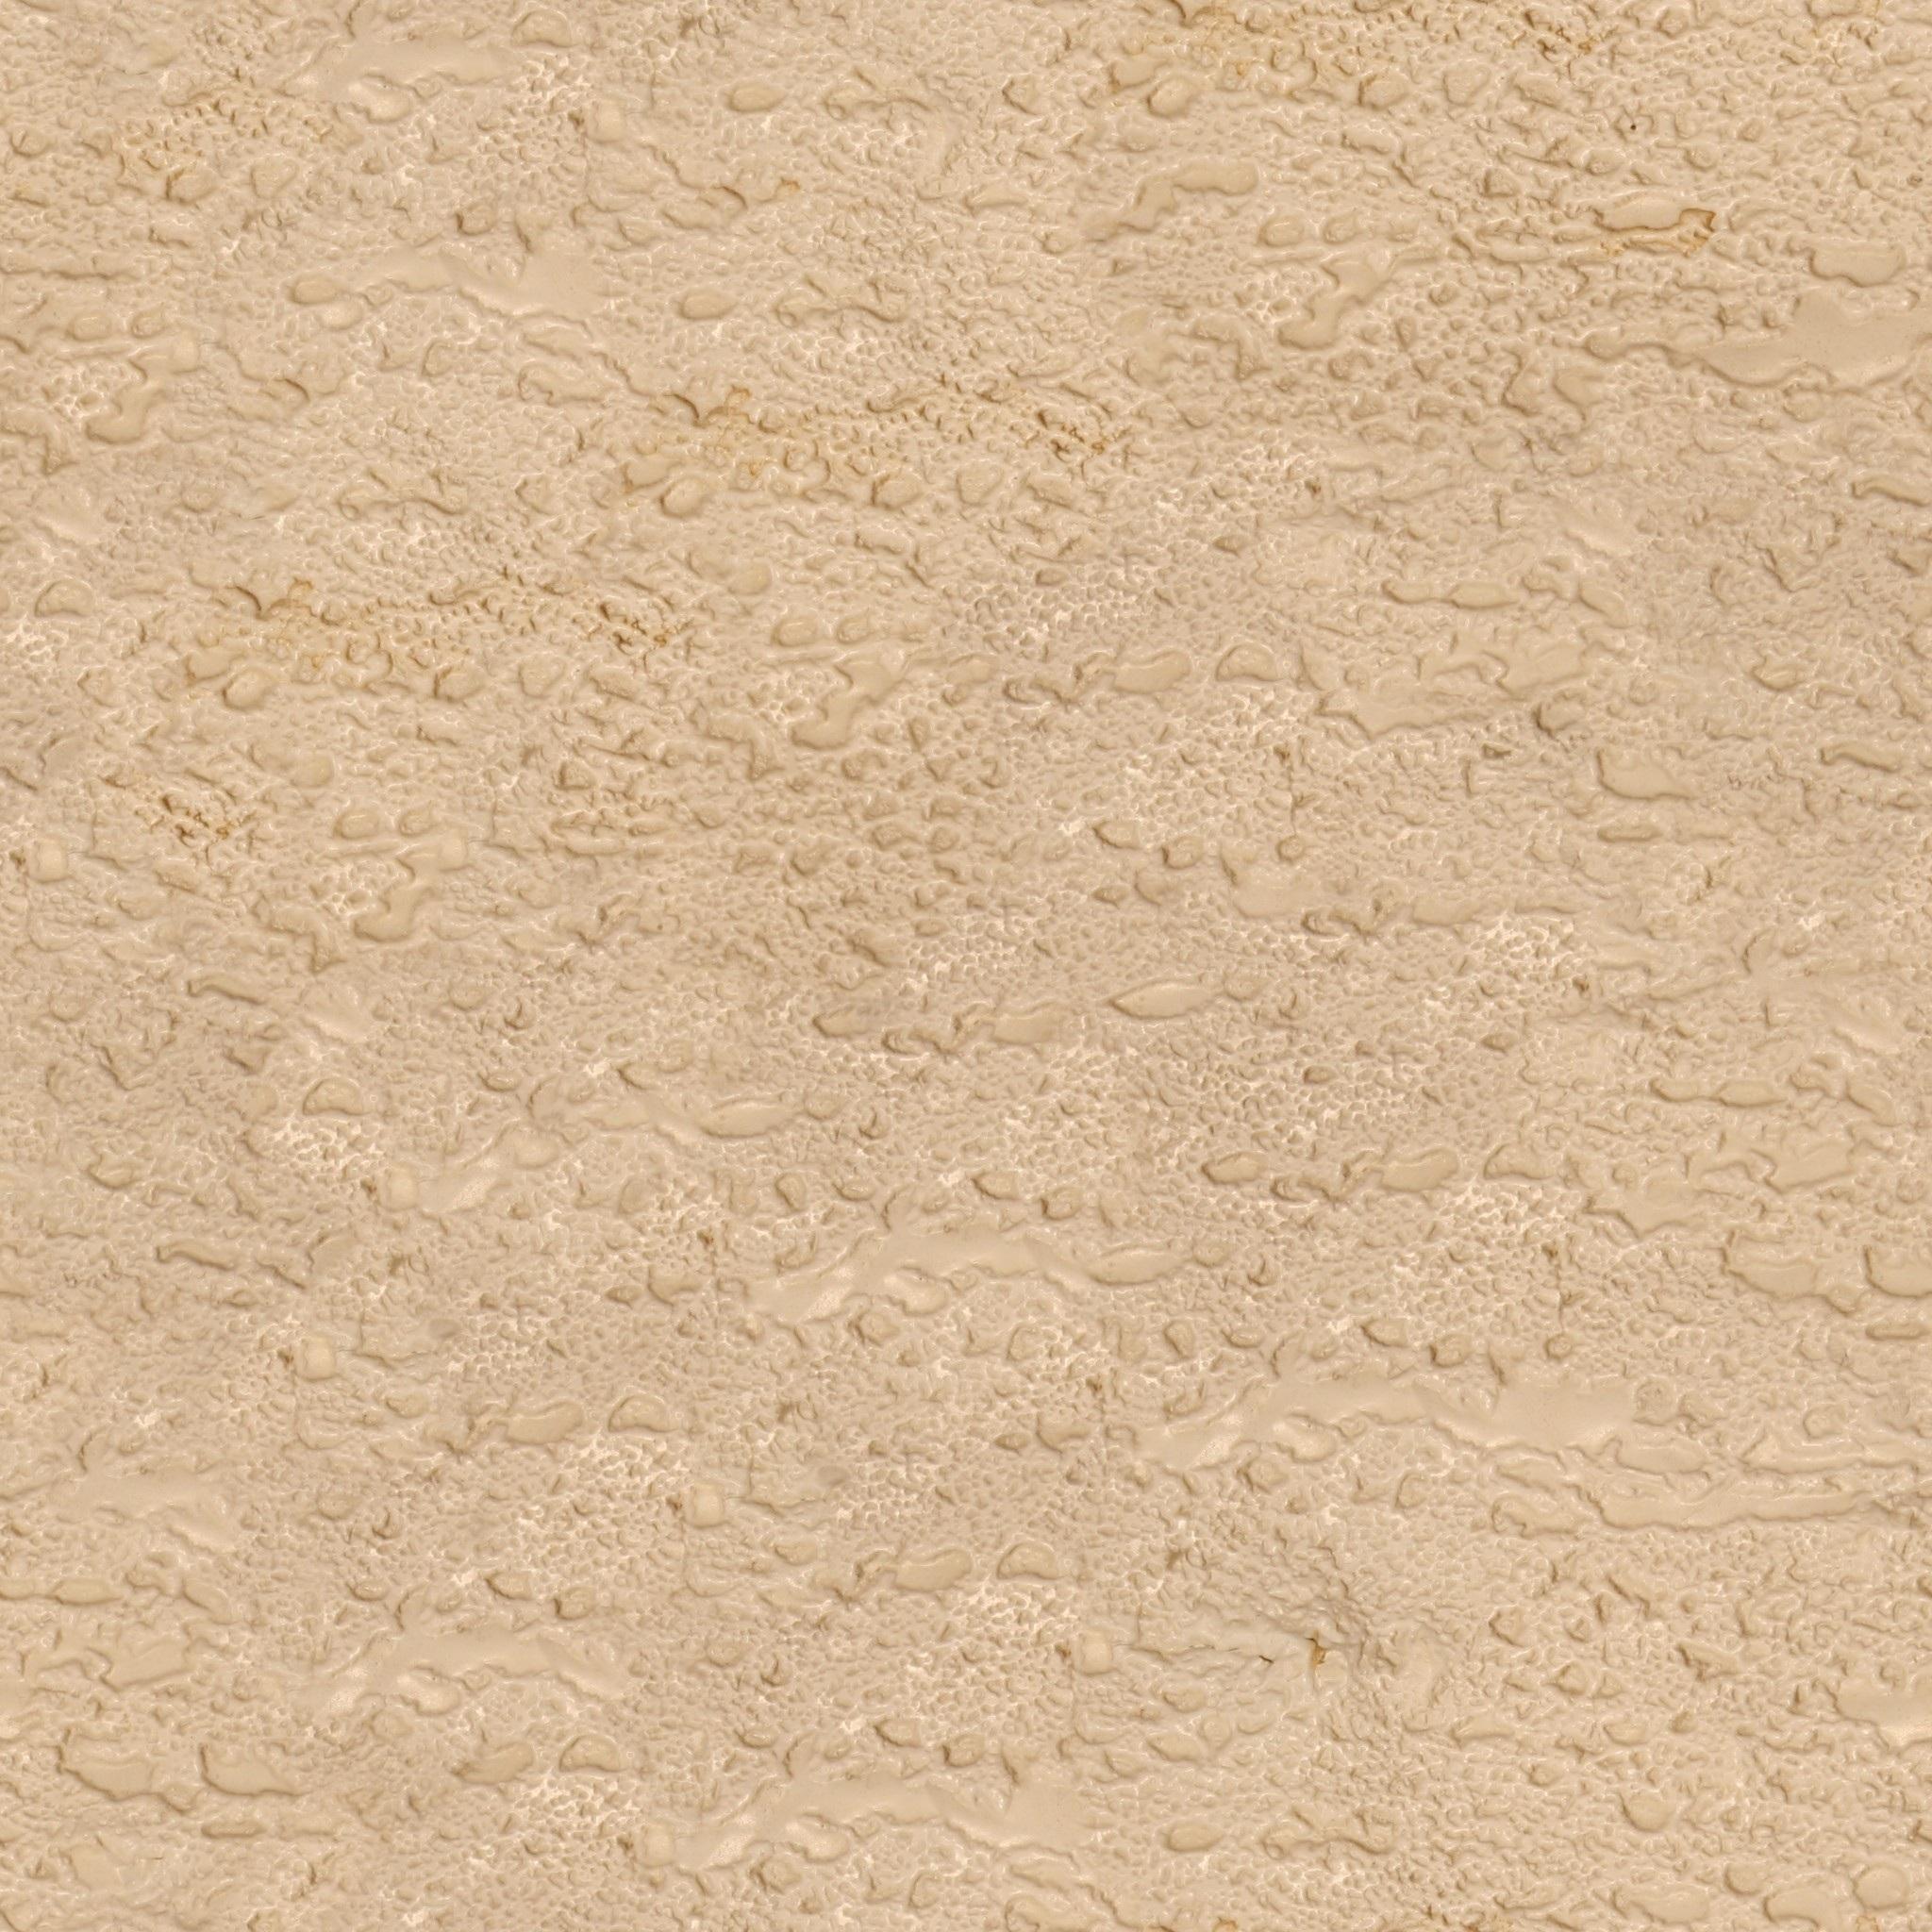 รูปภาพ ทราย เนื้อไม้ ขาว เนื้อผ้า ชั้น ดิน